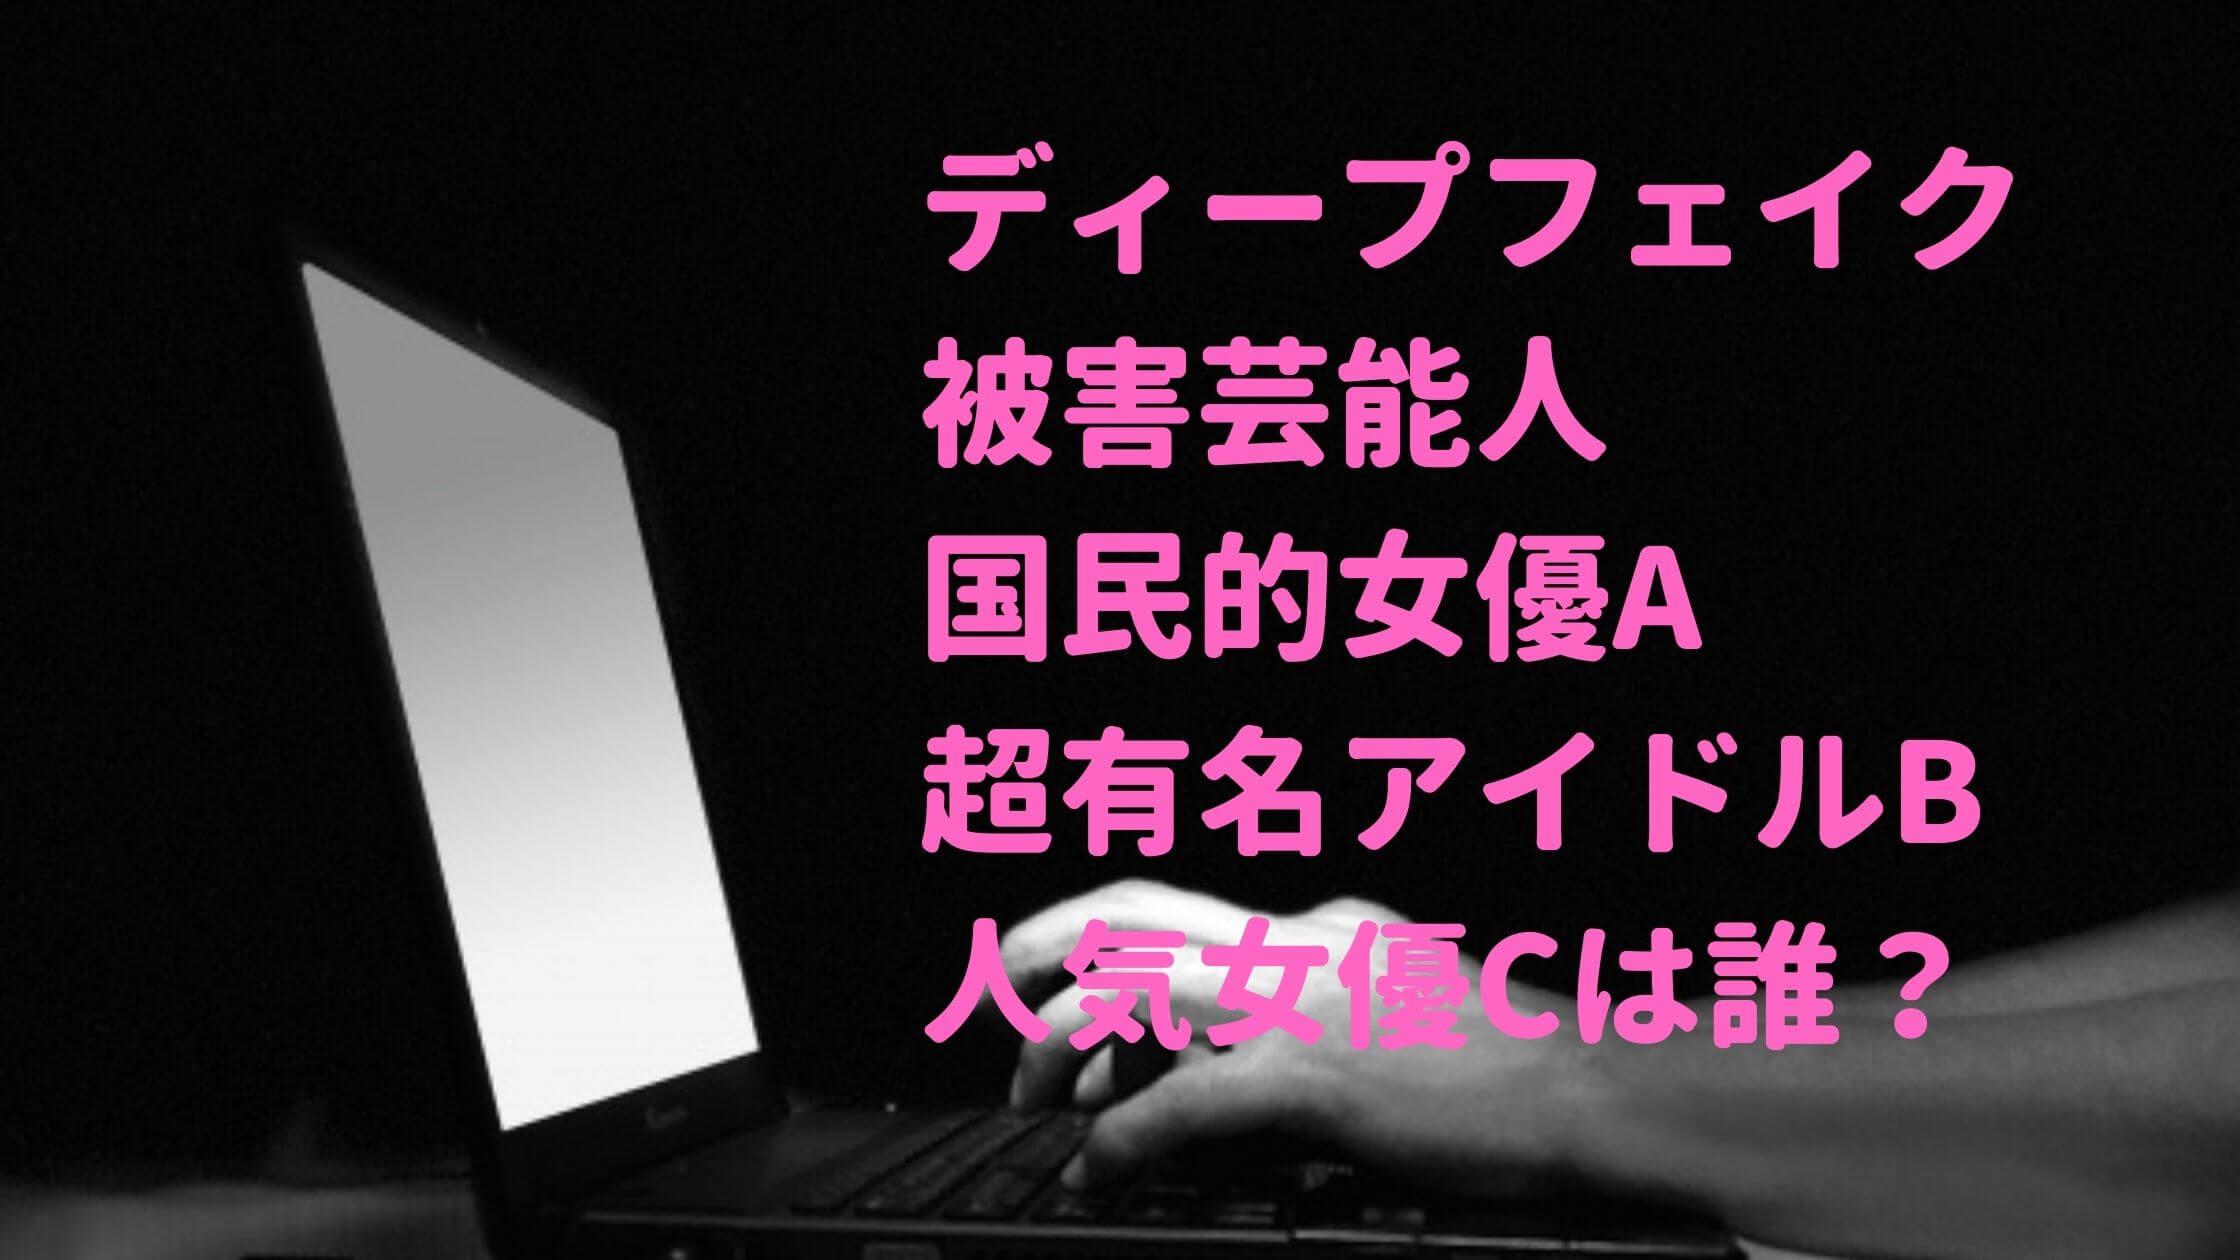 ディープフェイク 被害芸能人 誰 女優 アイドル